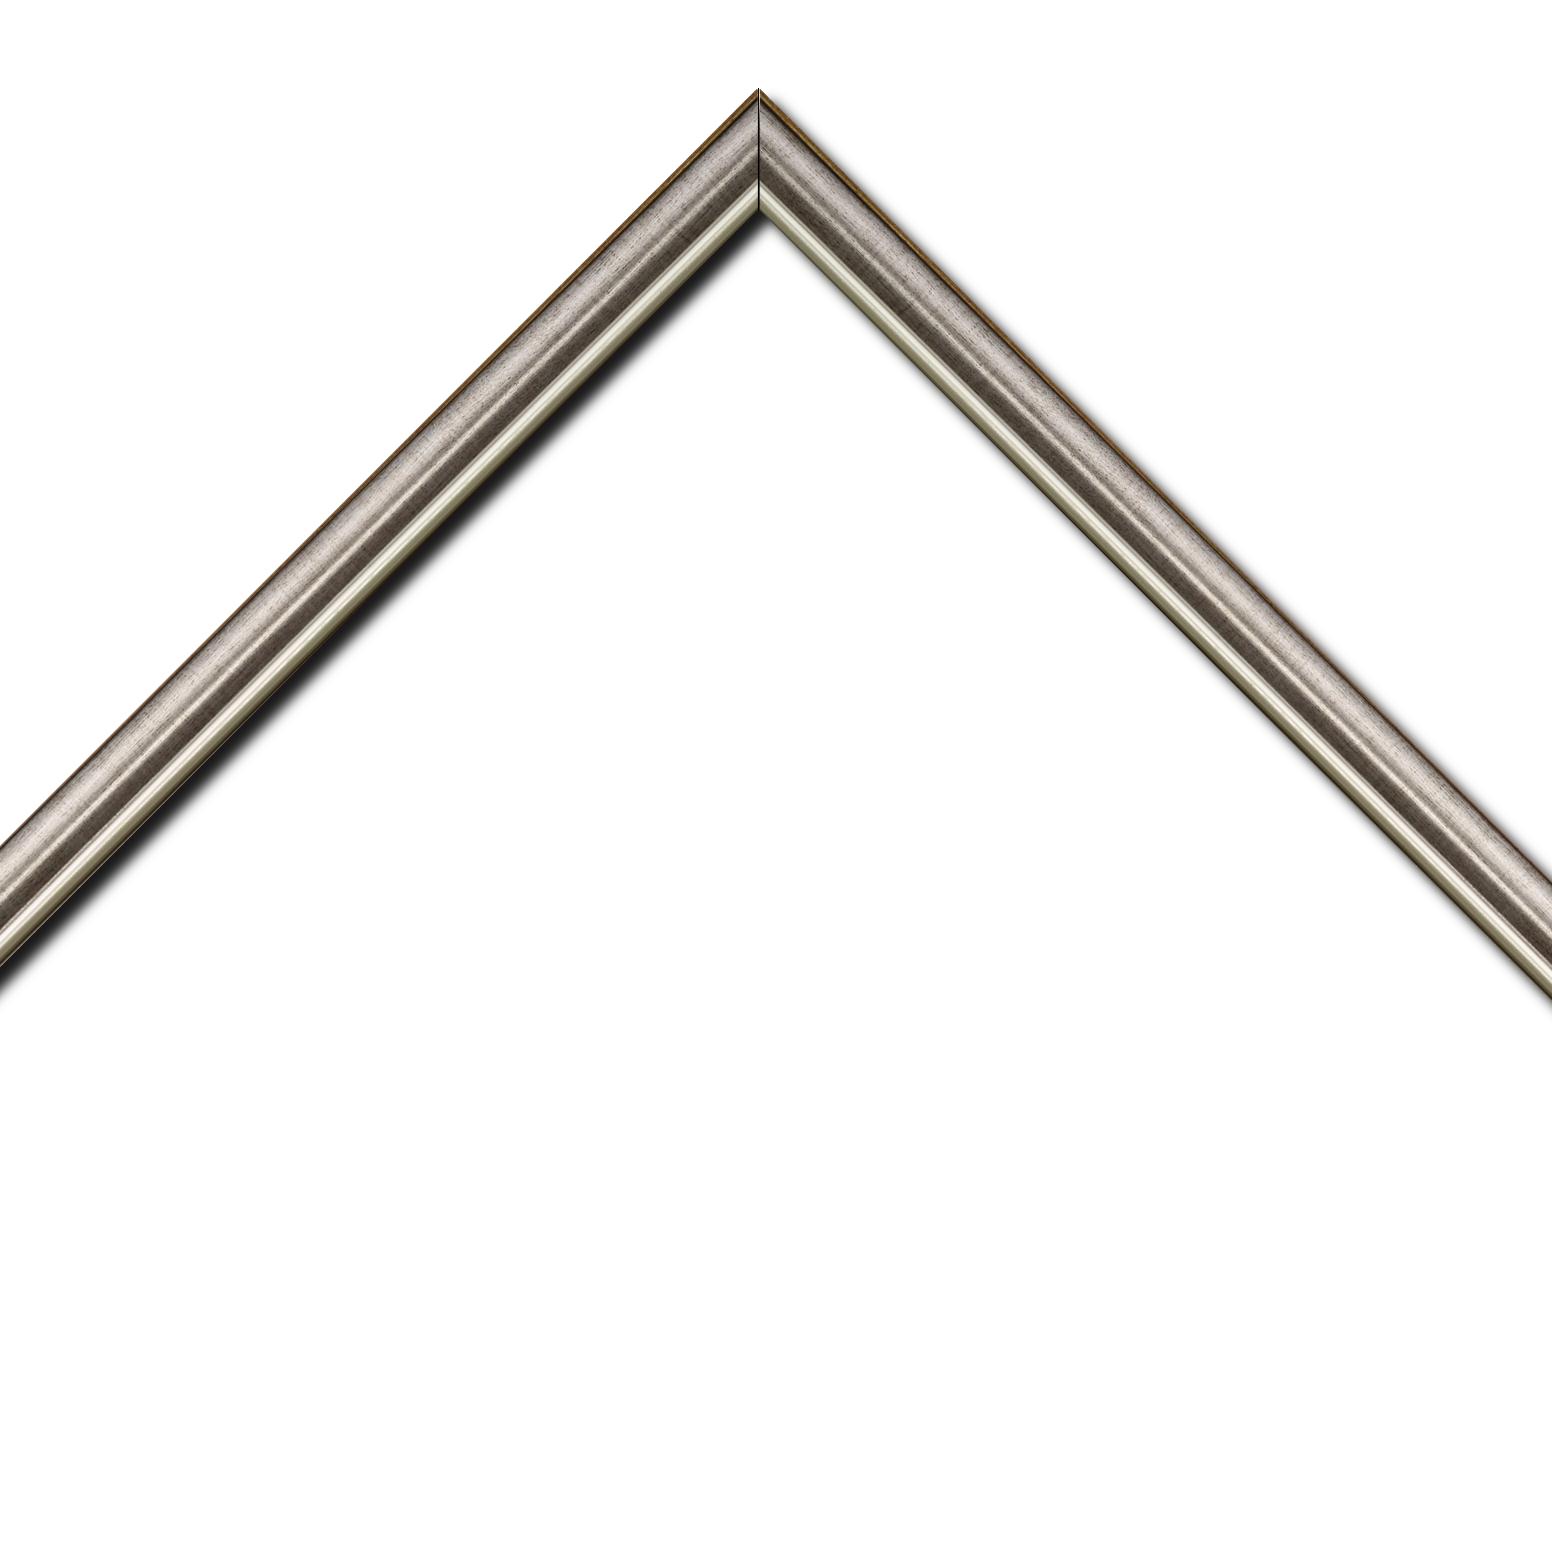 Baguette bois profil arrondi largeur 2.1cm  couleur plomb filet argent chaud